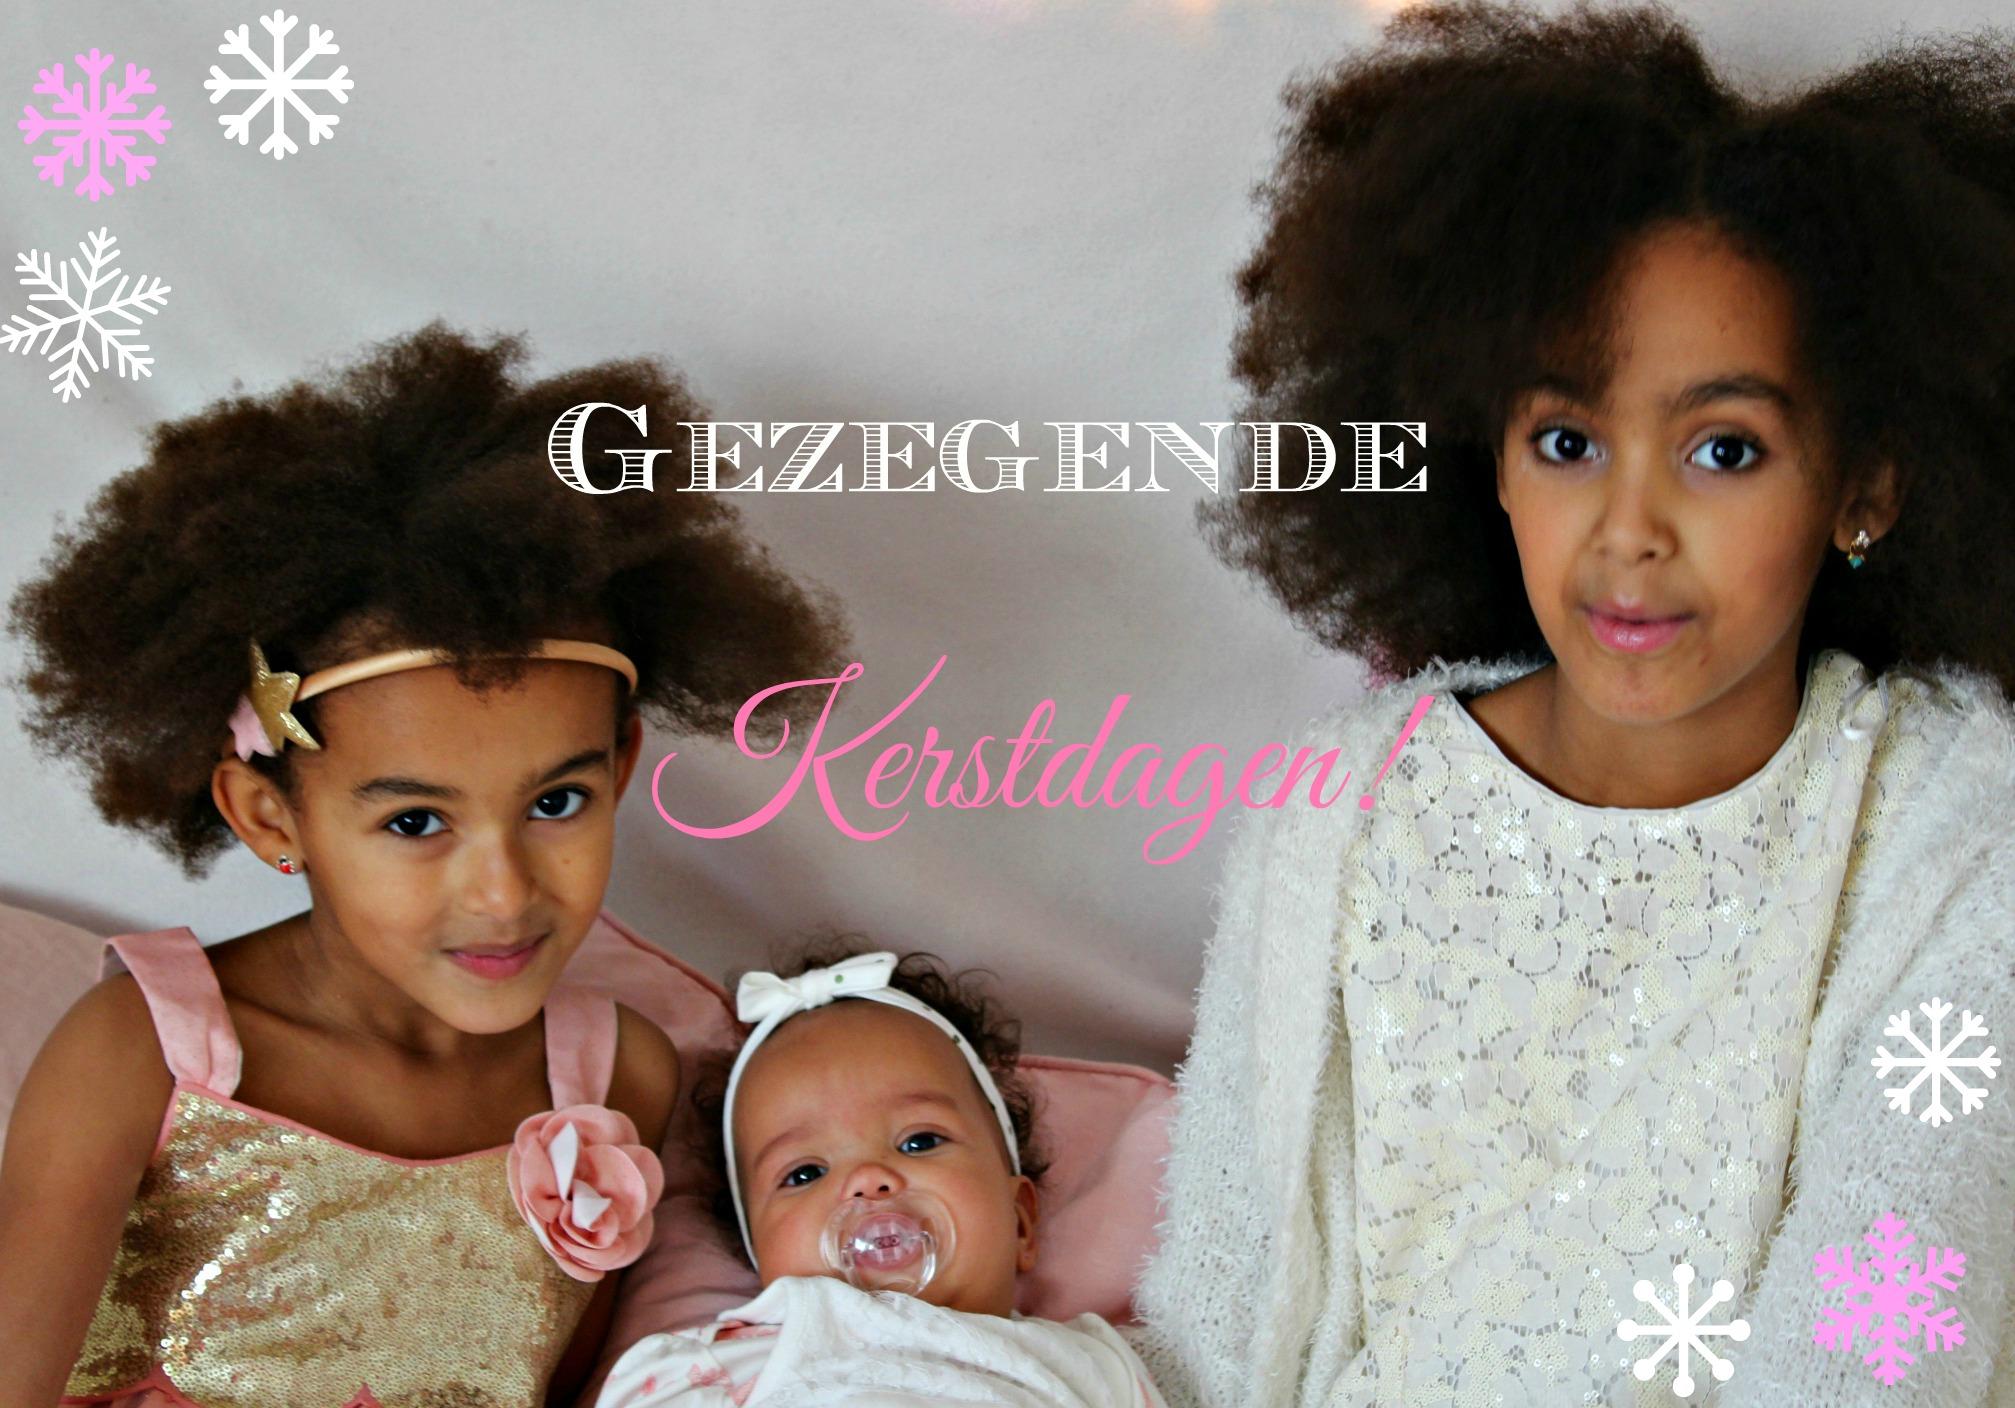 Kerstgroet-Gezegende Kerstdagen-Kerst 2015